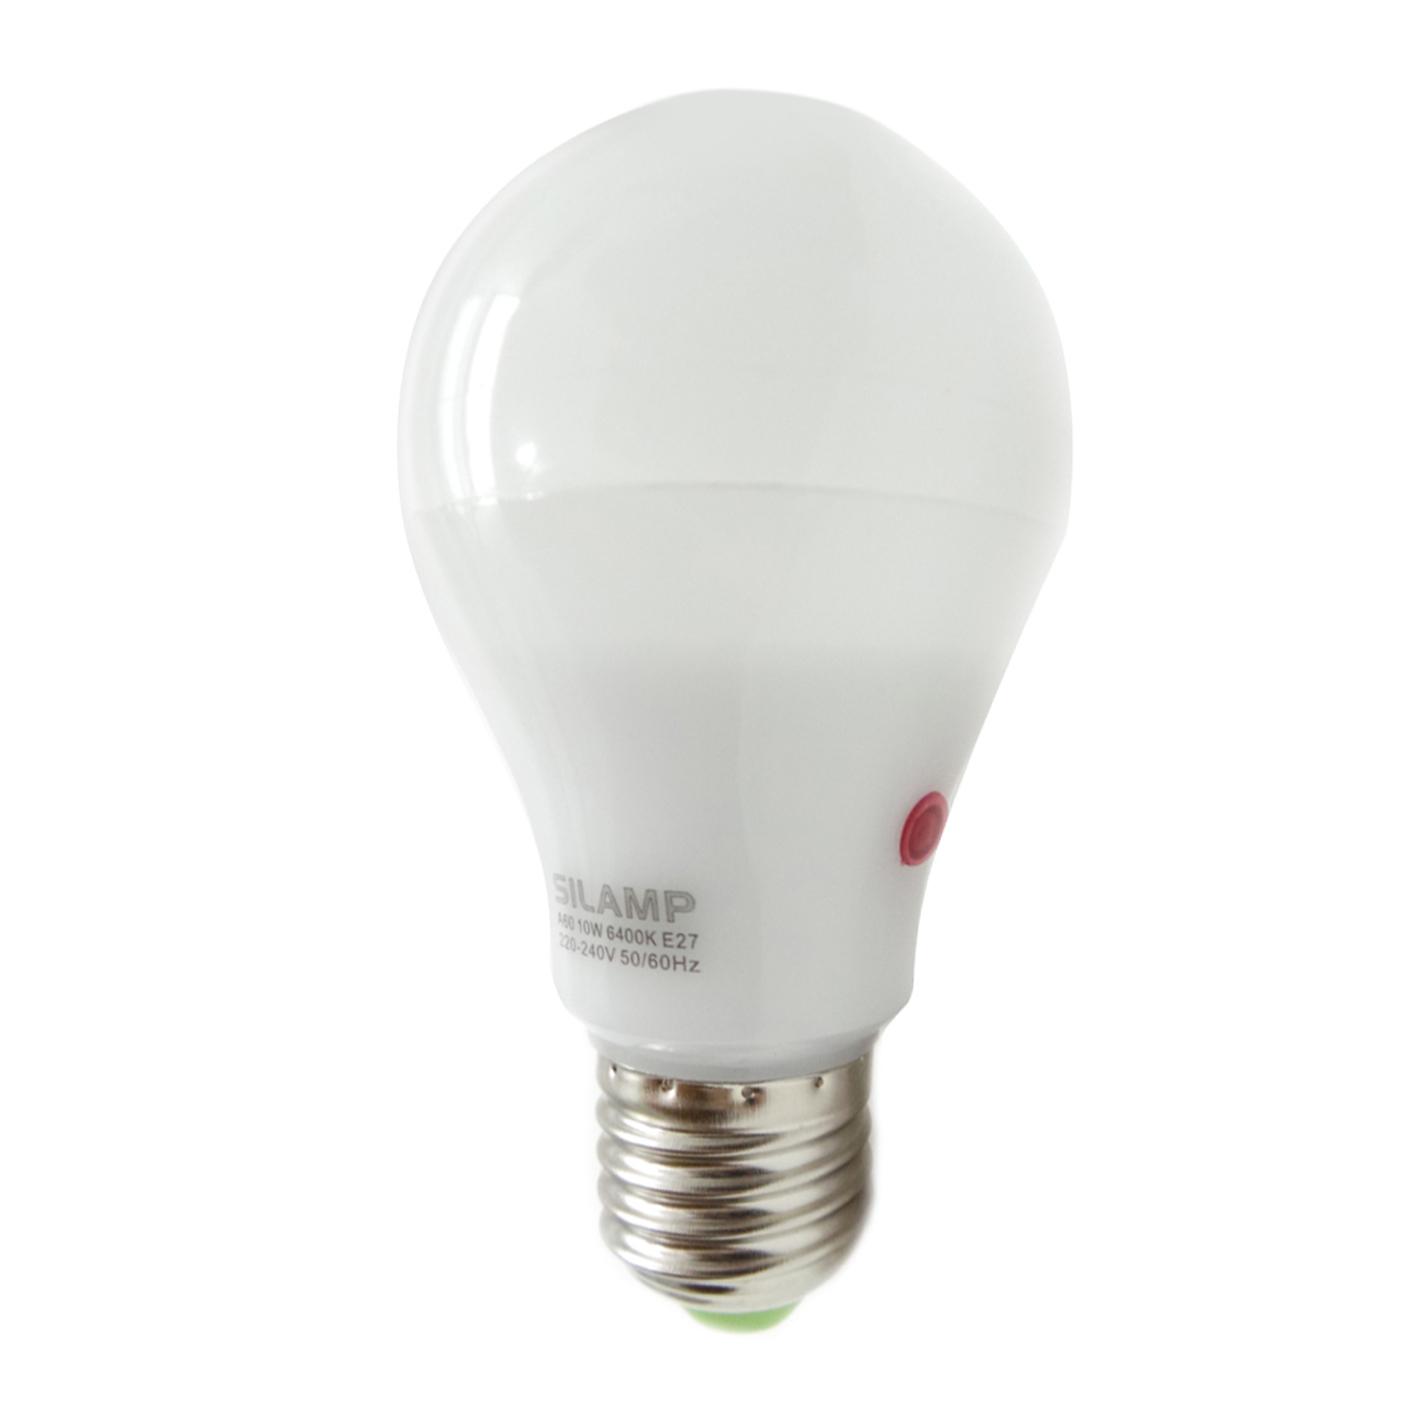 Sensore Accensione Lampade Con Crepuscolare.L30 10w Offerte Lampadine Led Silamp Lampadina Led